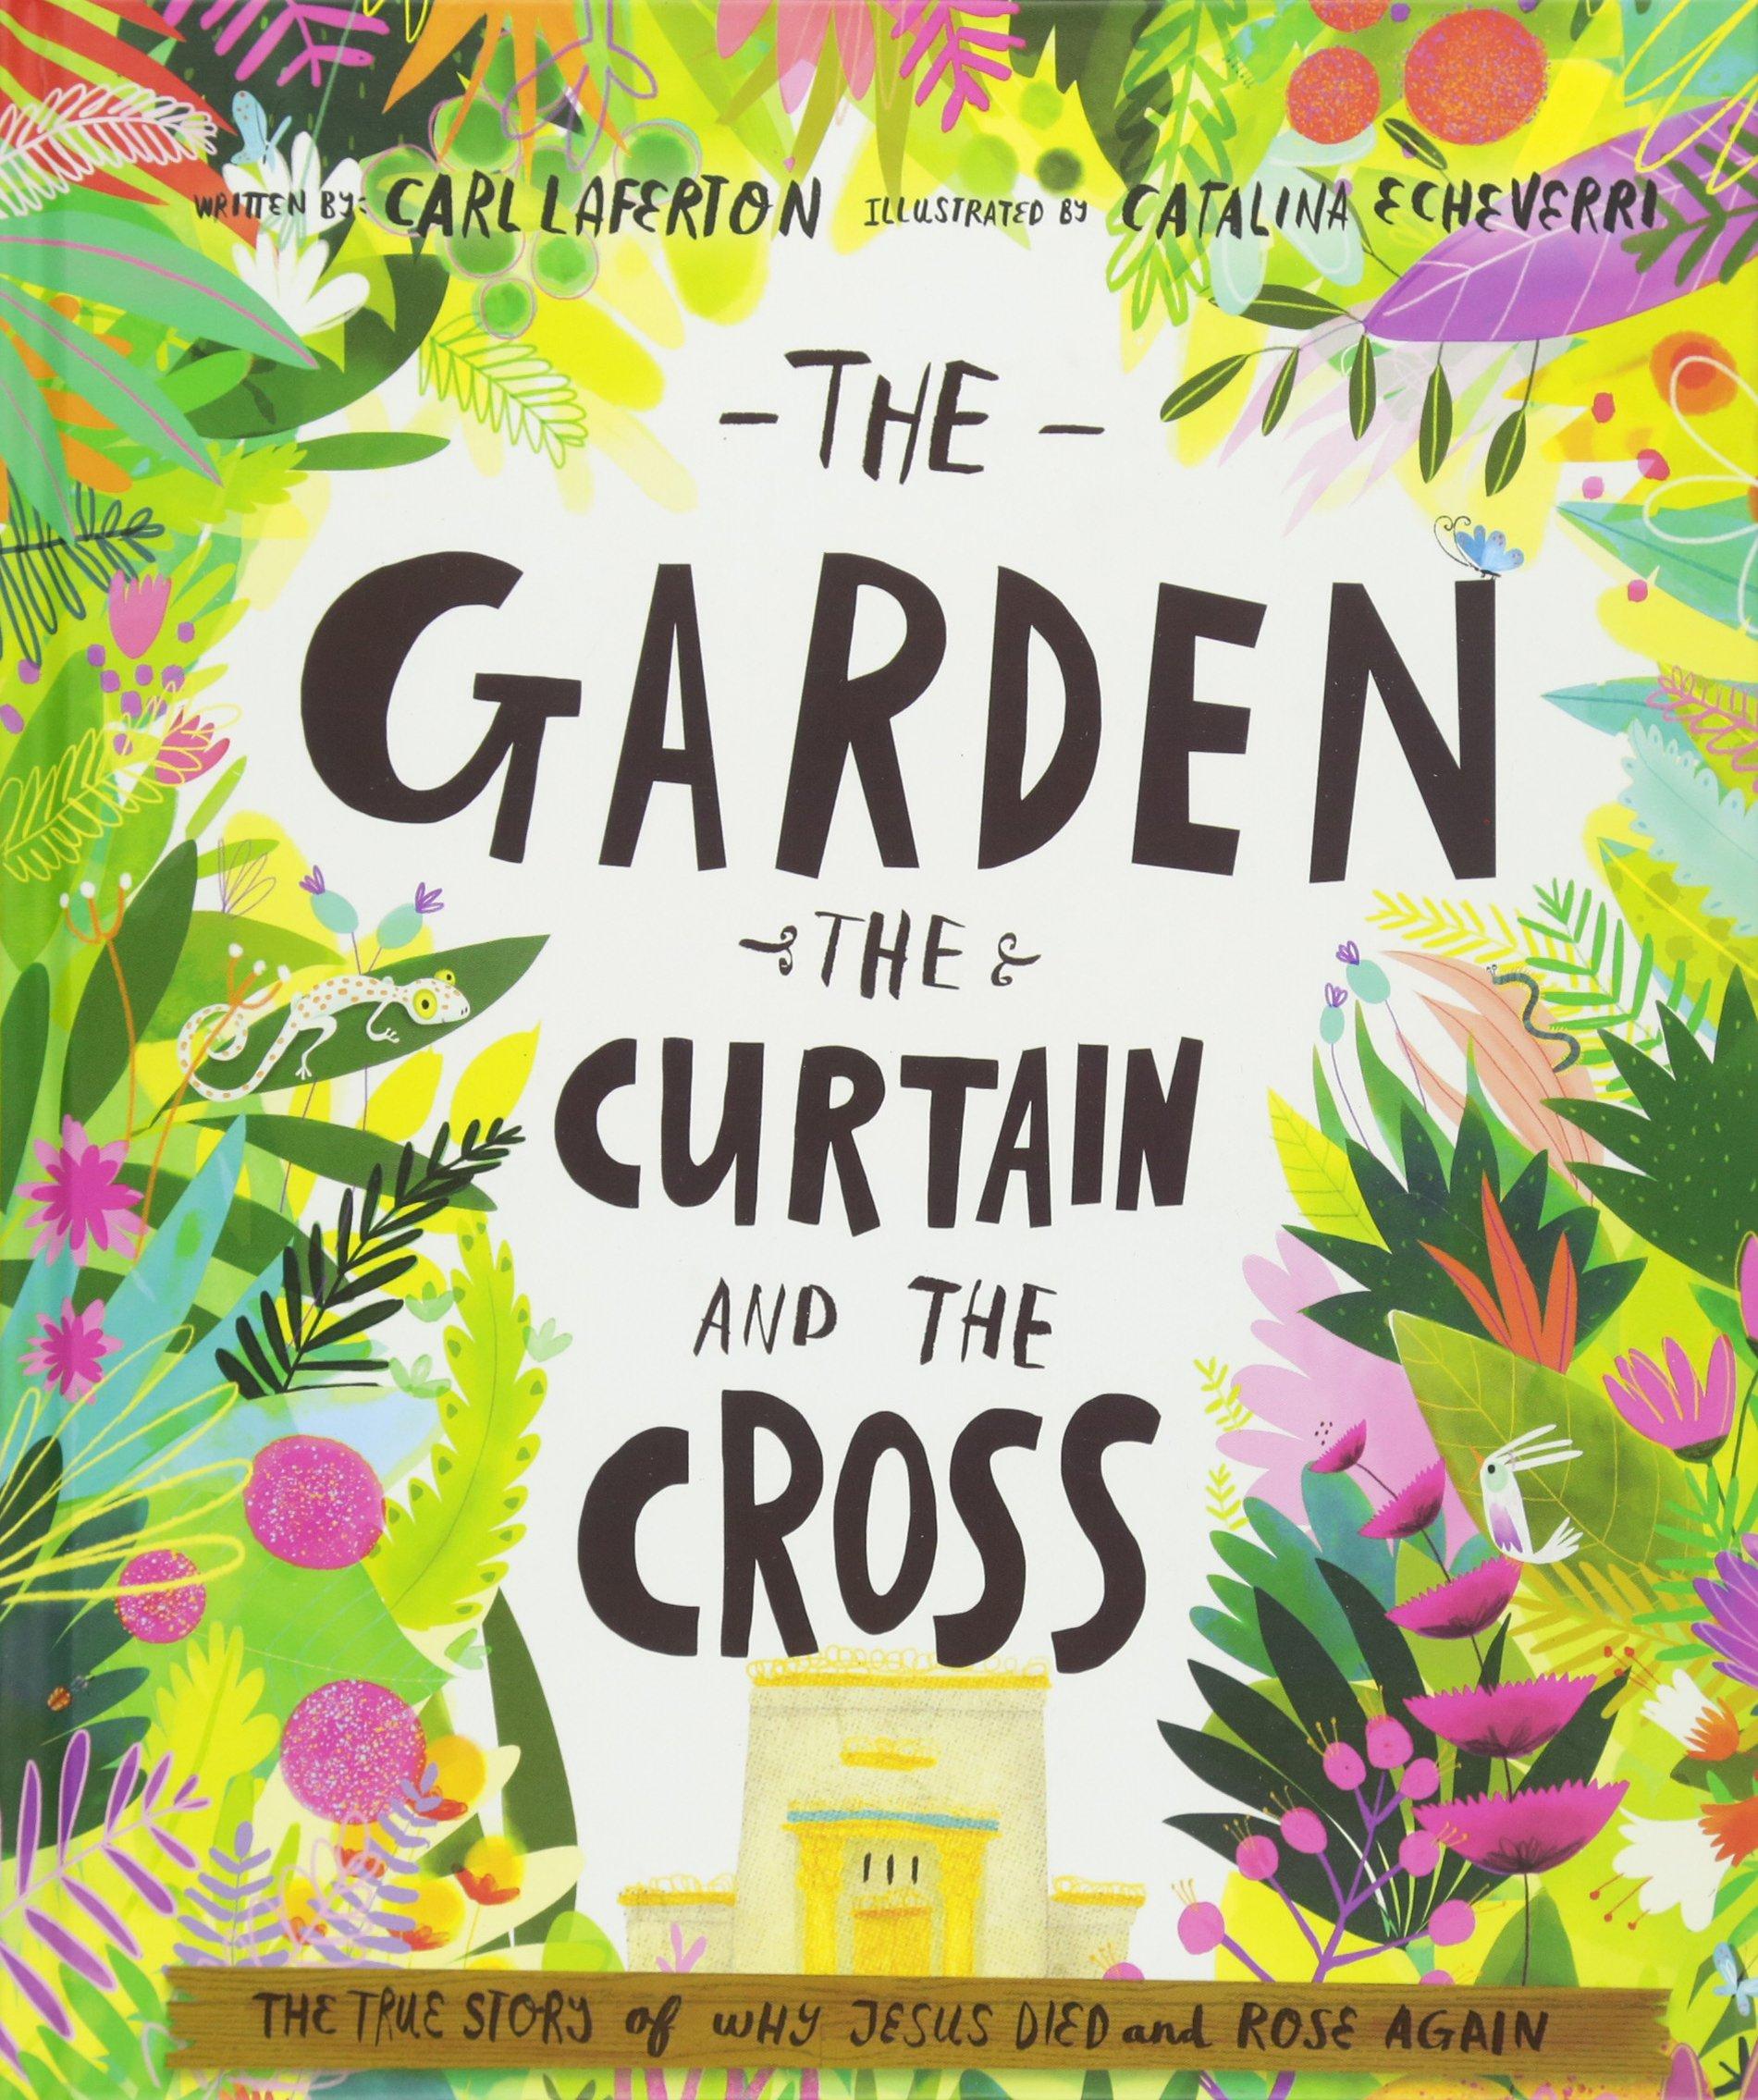 The Garden Curtain And Cross Carl Laferton Catalina Echeverri 9781784980122 Amazon Books